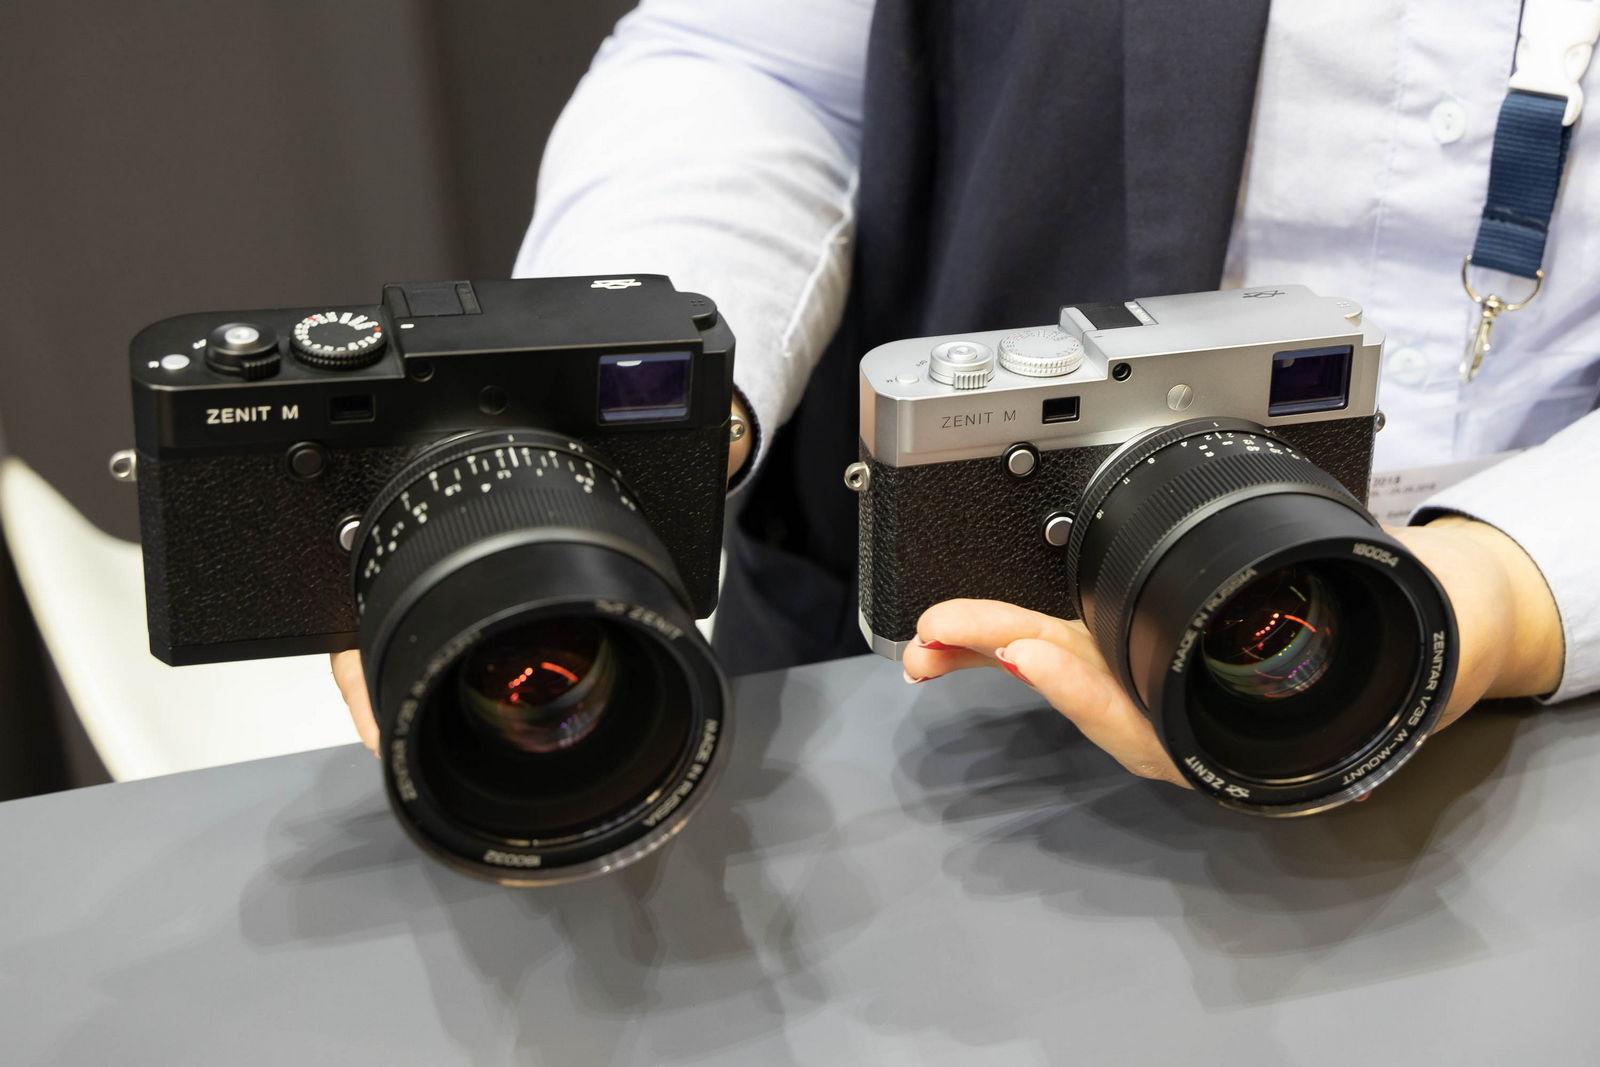 продали не новый фотоаппарат как быть лучше нормальную дал